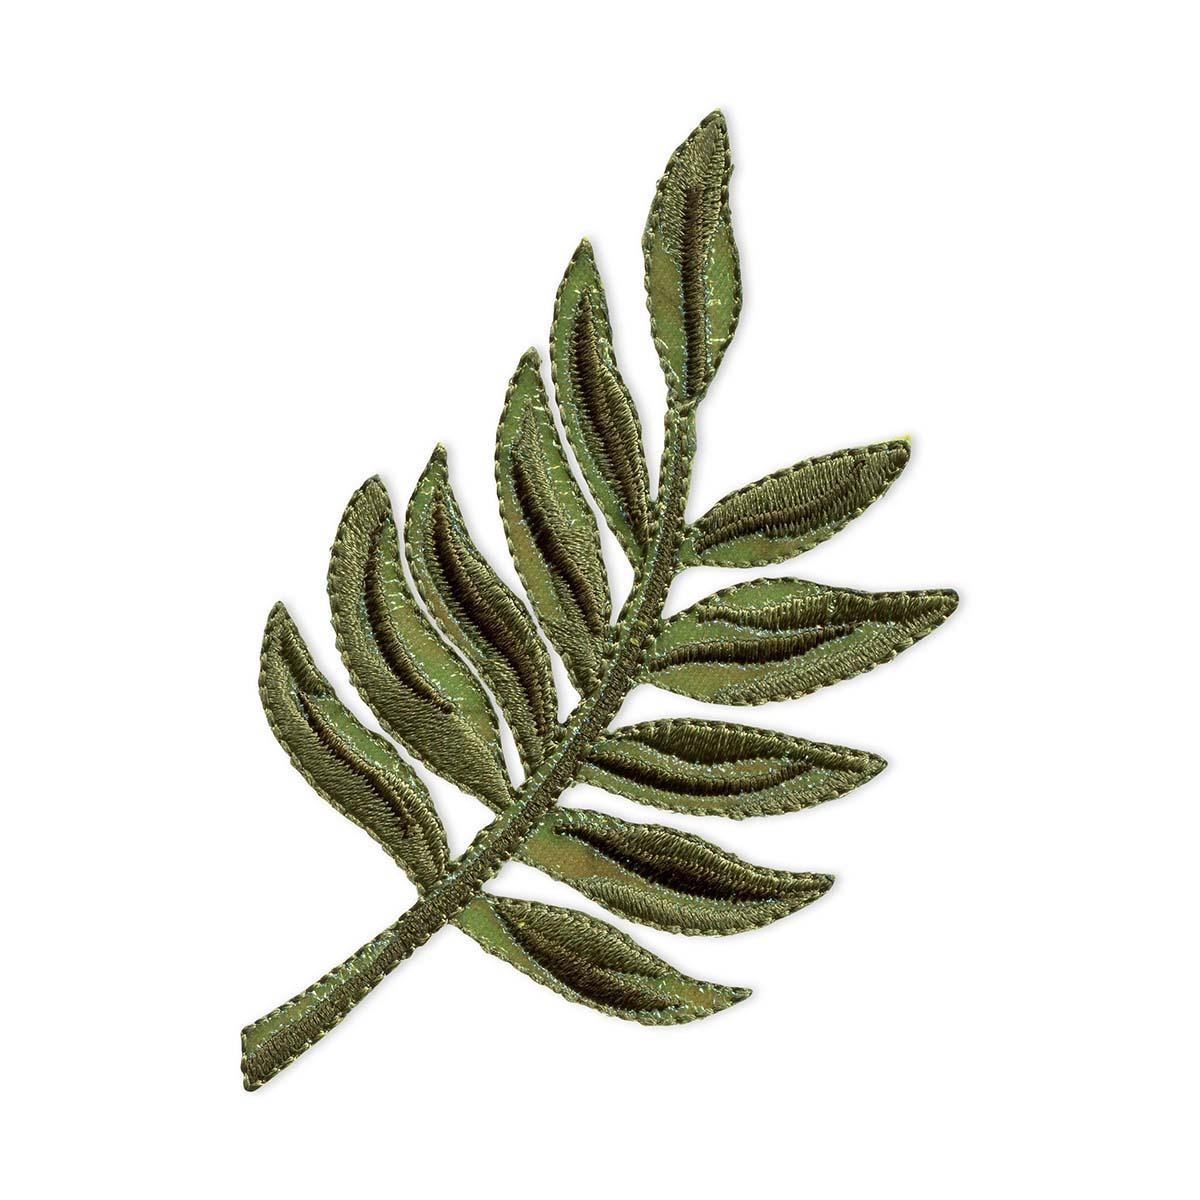 926673 Термоаппликация 'Лист пальмы' 1шт, Prym